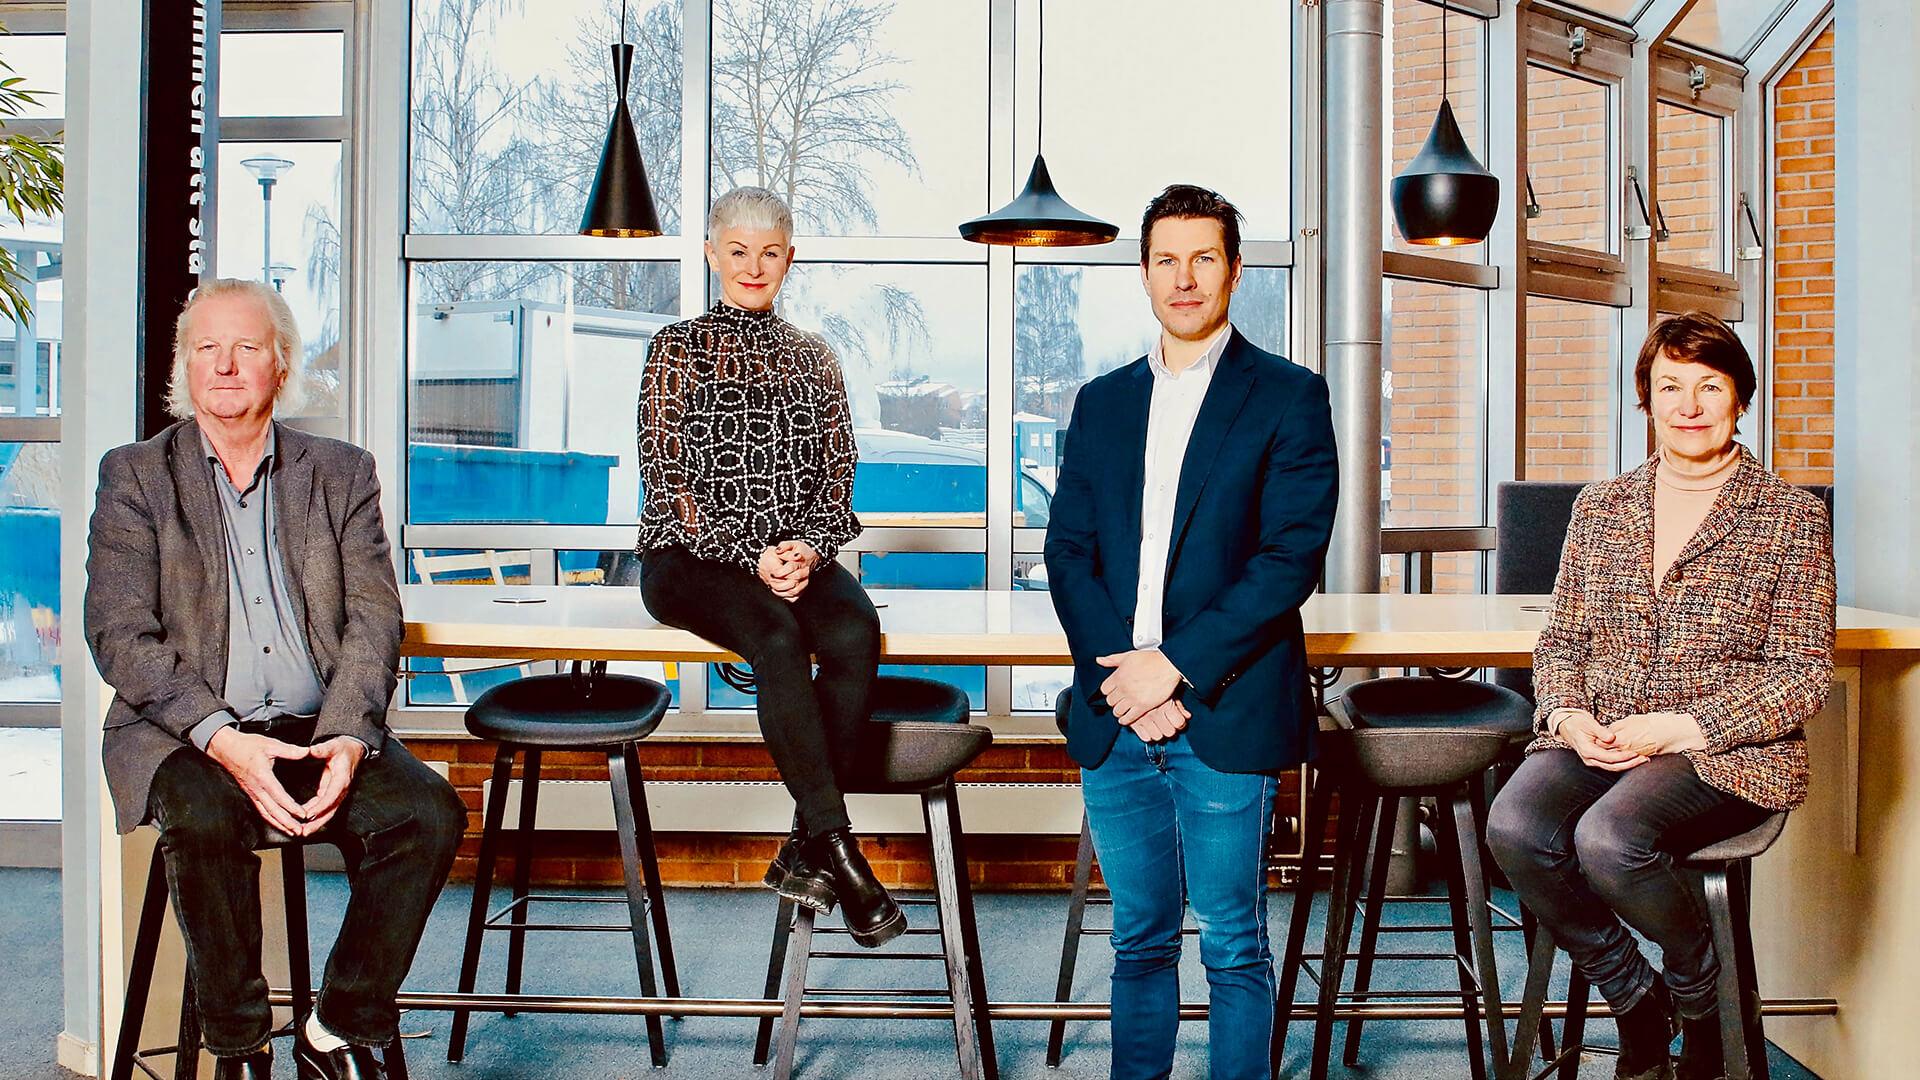 DalaCapital - Startkapital till ditt bolag. Kjell Grundström, Angelica Ekholm (ordförande), Anders Hjertberg och Birgitta Sacrédeus - investerande bolag i DalaCapital AB.